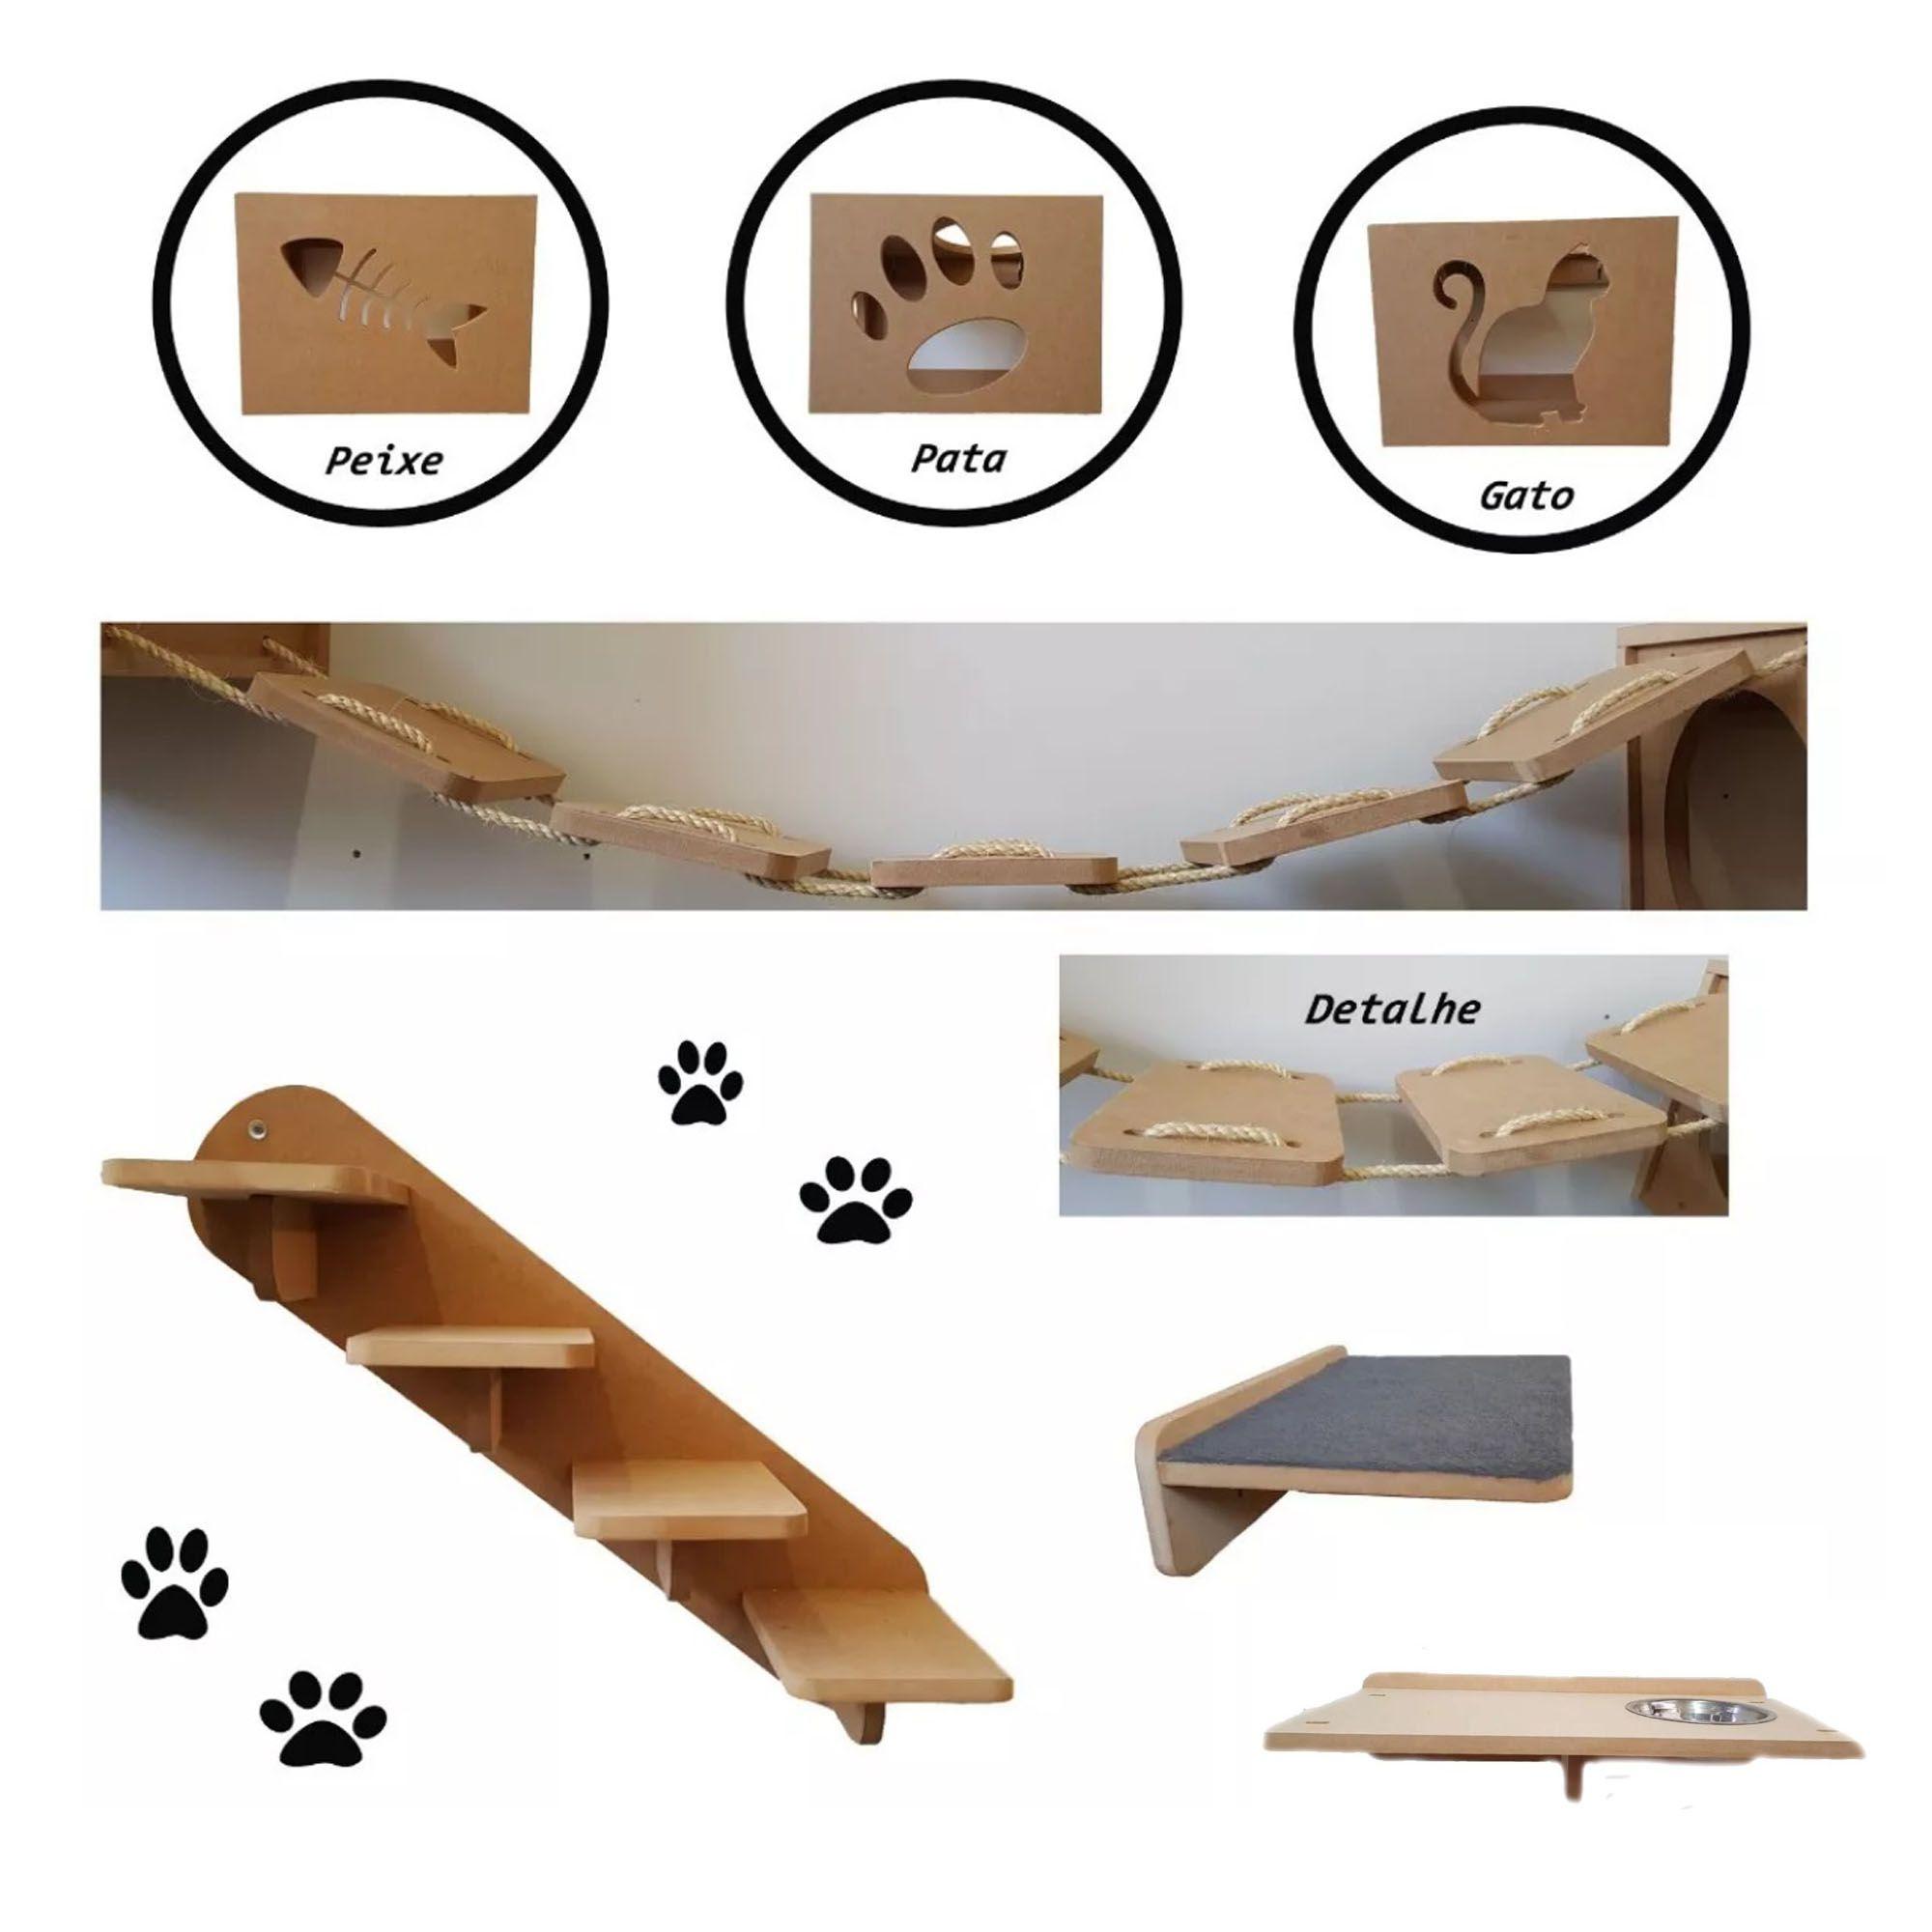 Nicho Gato - Kit Nicho para Gato - 7 pçs = 3 Nichos + Comedouro + Prateleira + Escada + Ponte para gato em MDF 15mm